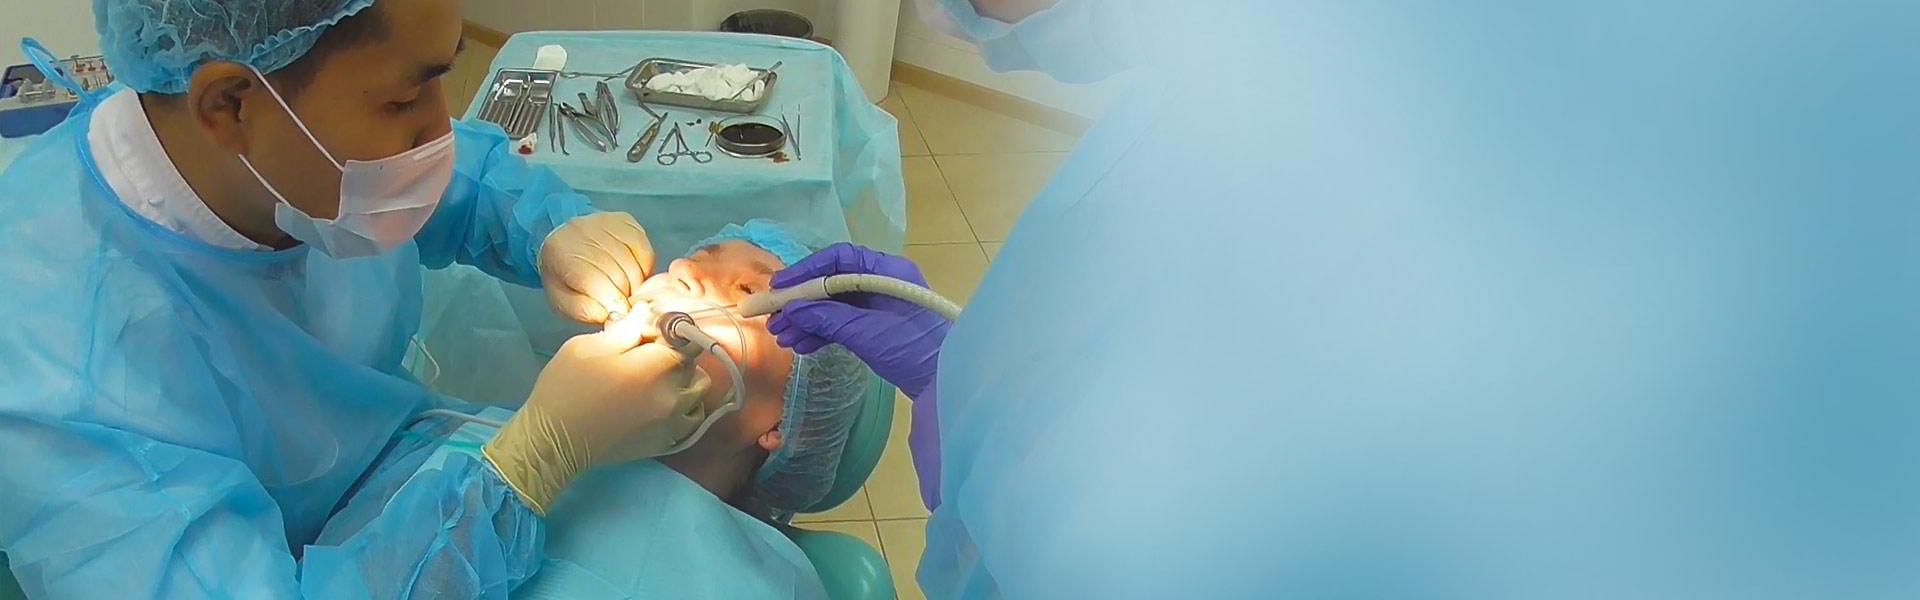 успех лечения зависит от квалицикации врача